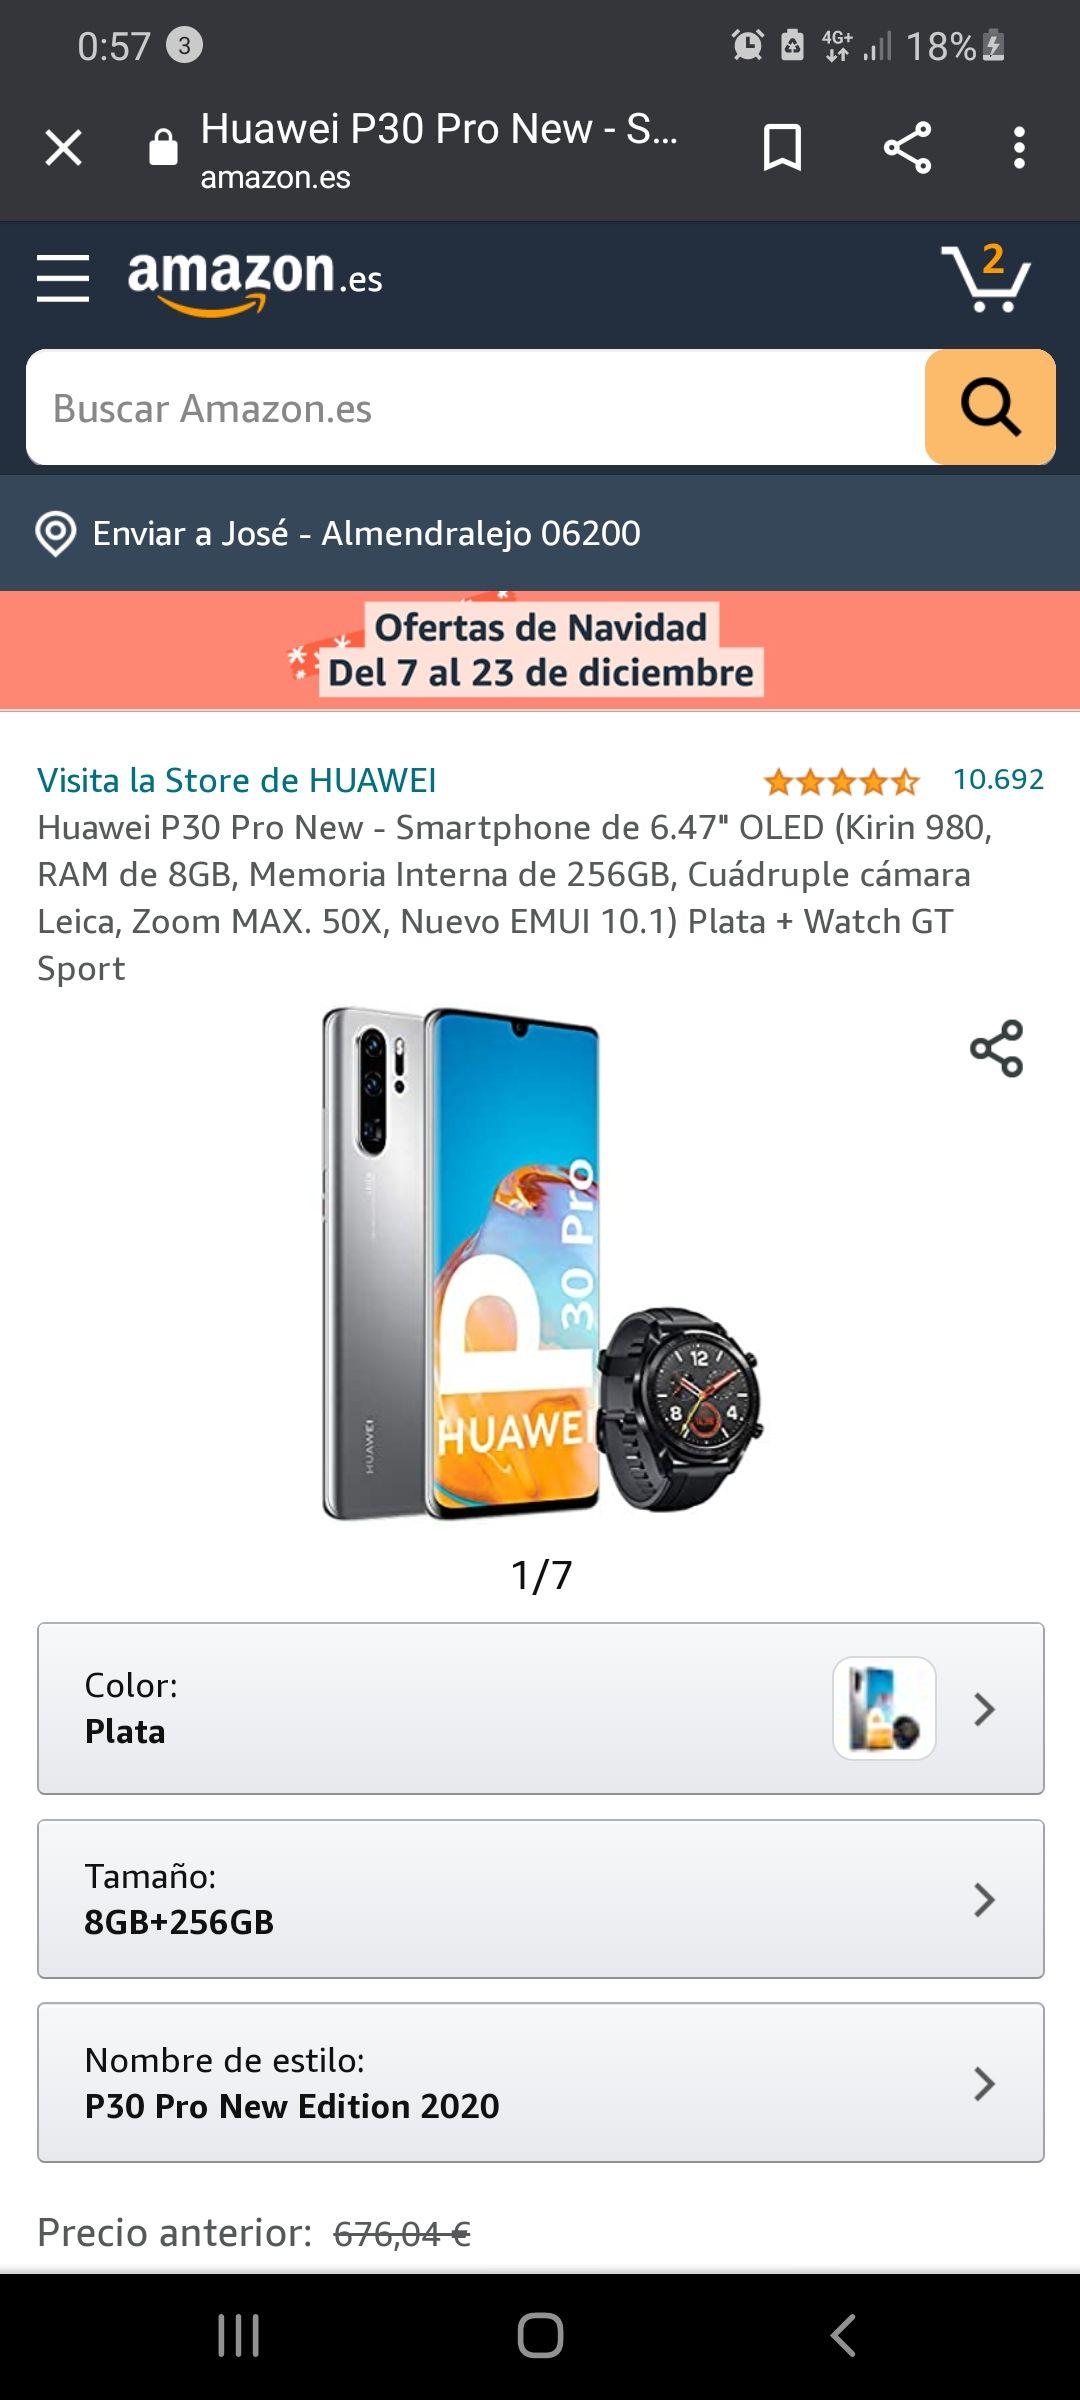 Huawei P30 pro + reloj watch gt sport